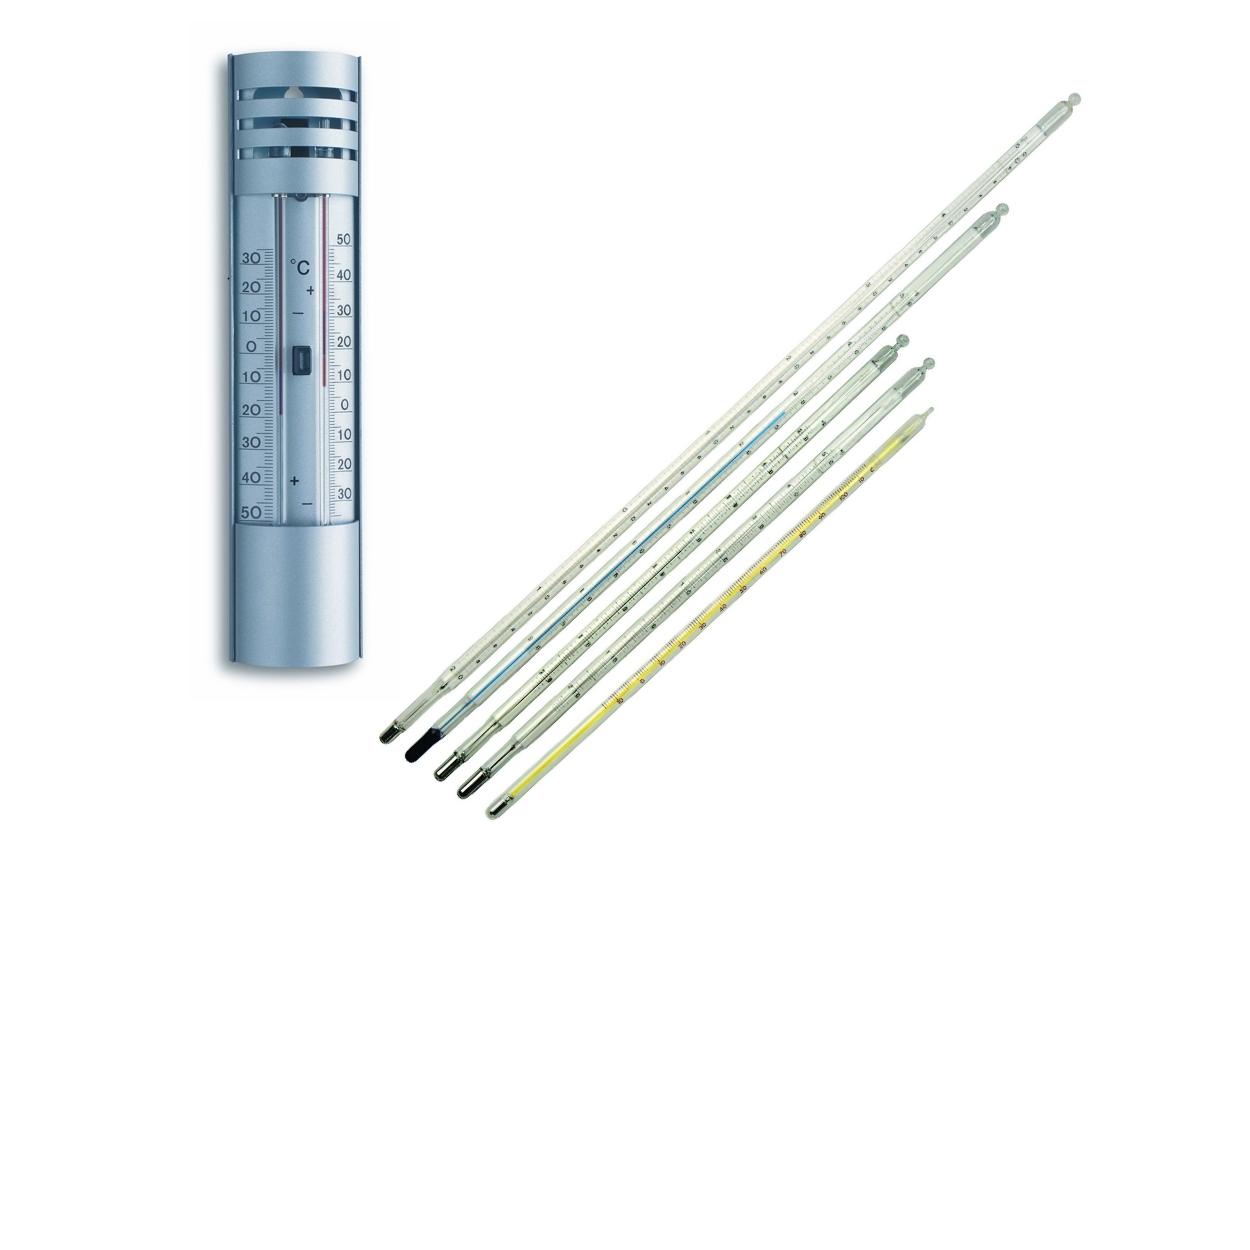 Termometry cieczowe, tarczowe